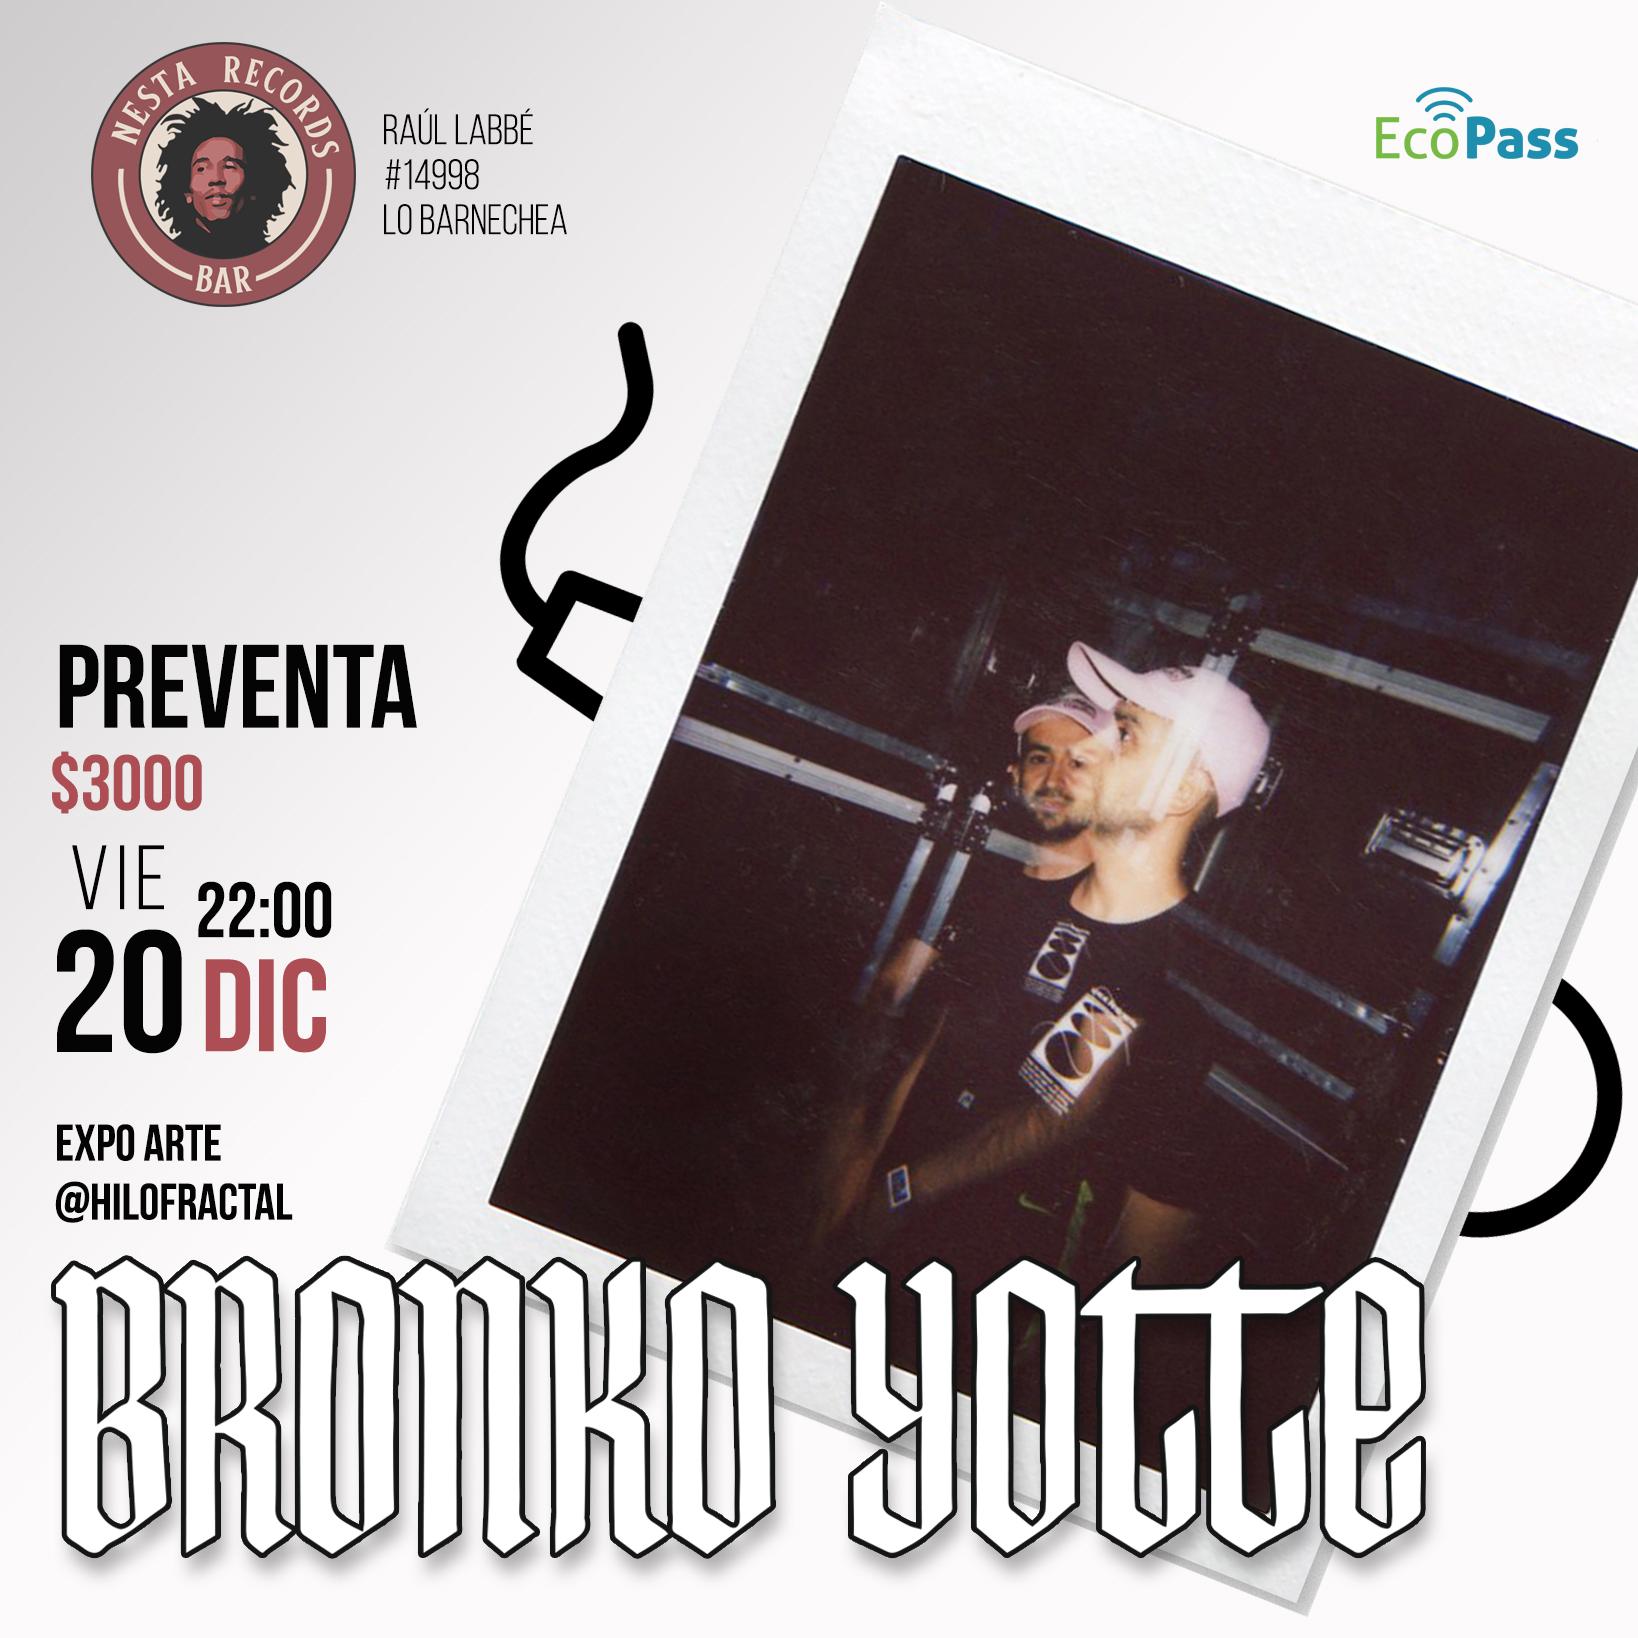 Bronkoviernes20